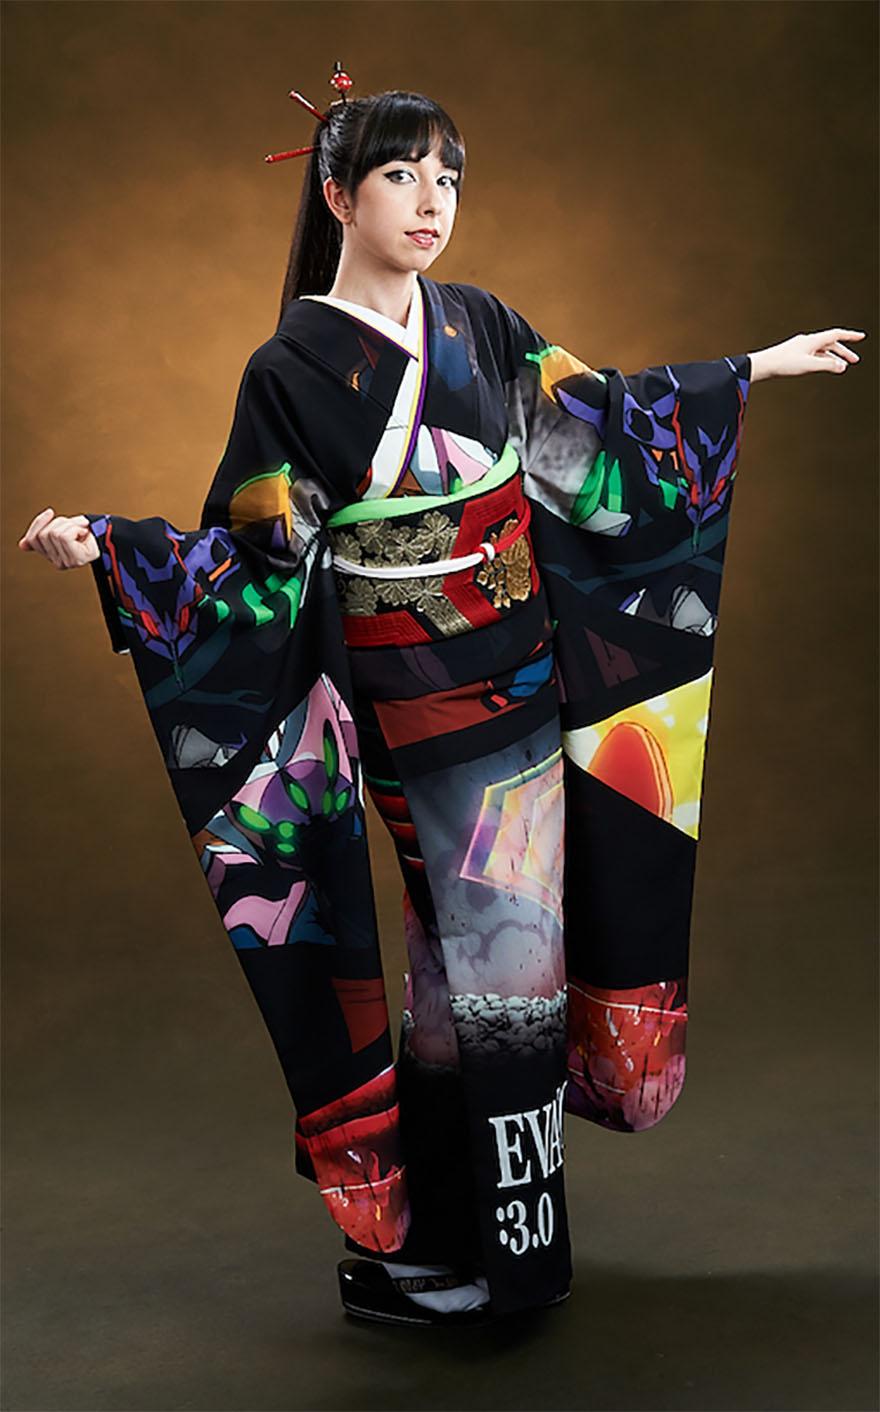 evangelion-x-full-graphic-kimono1